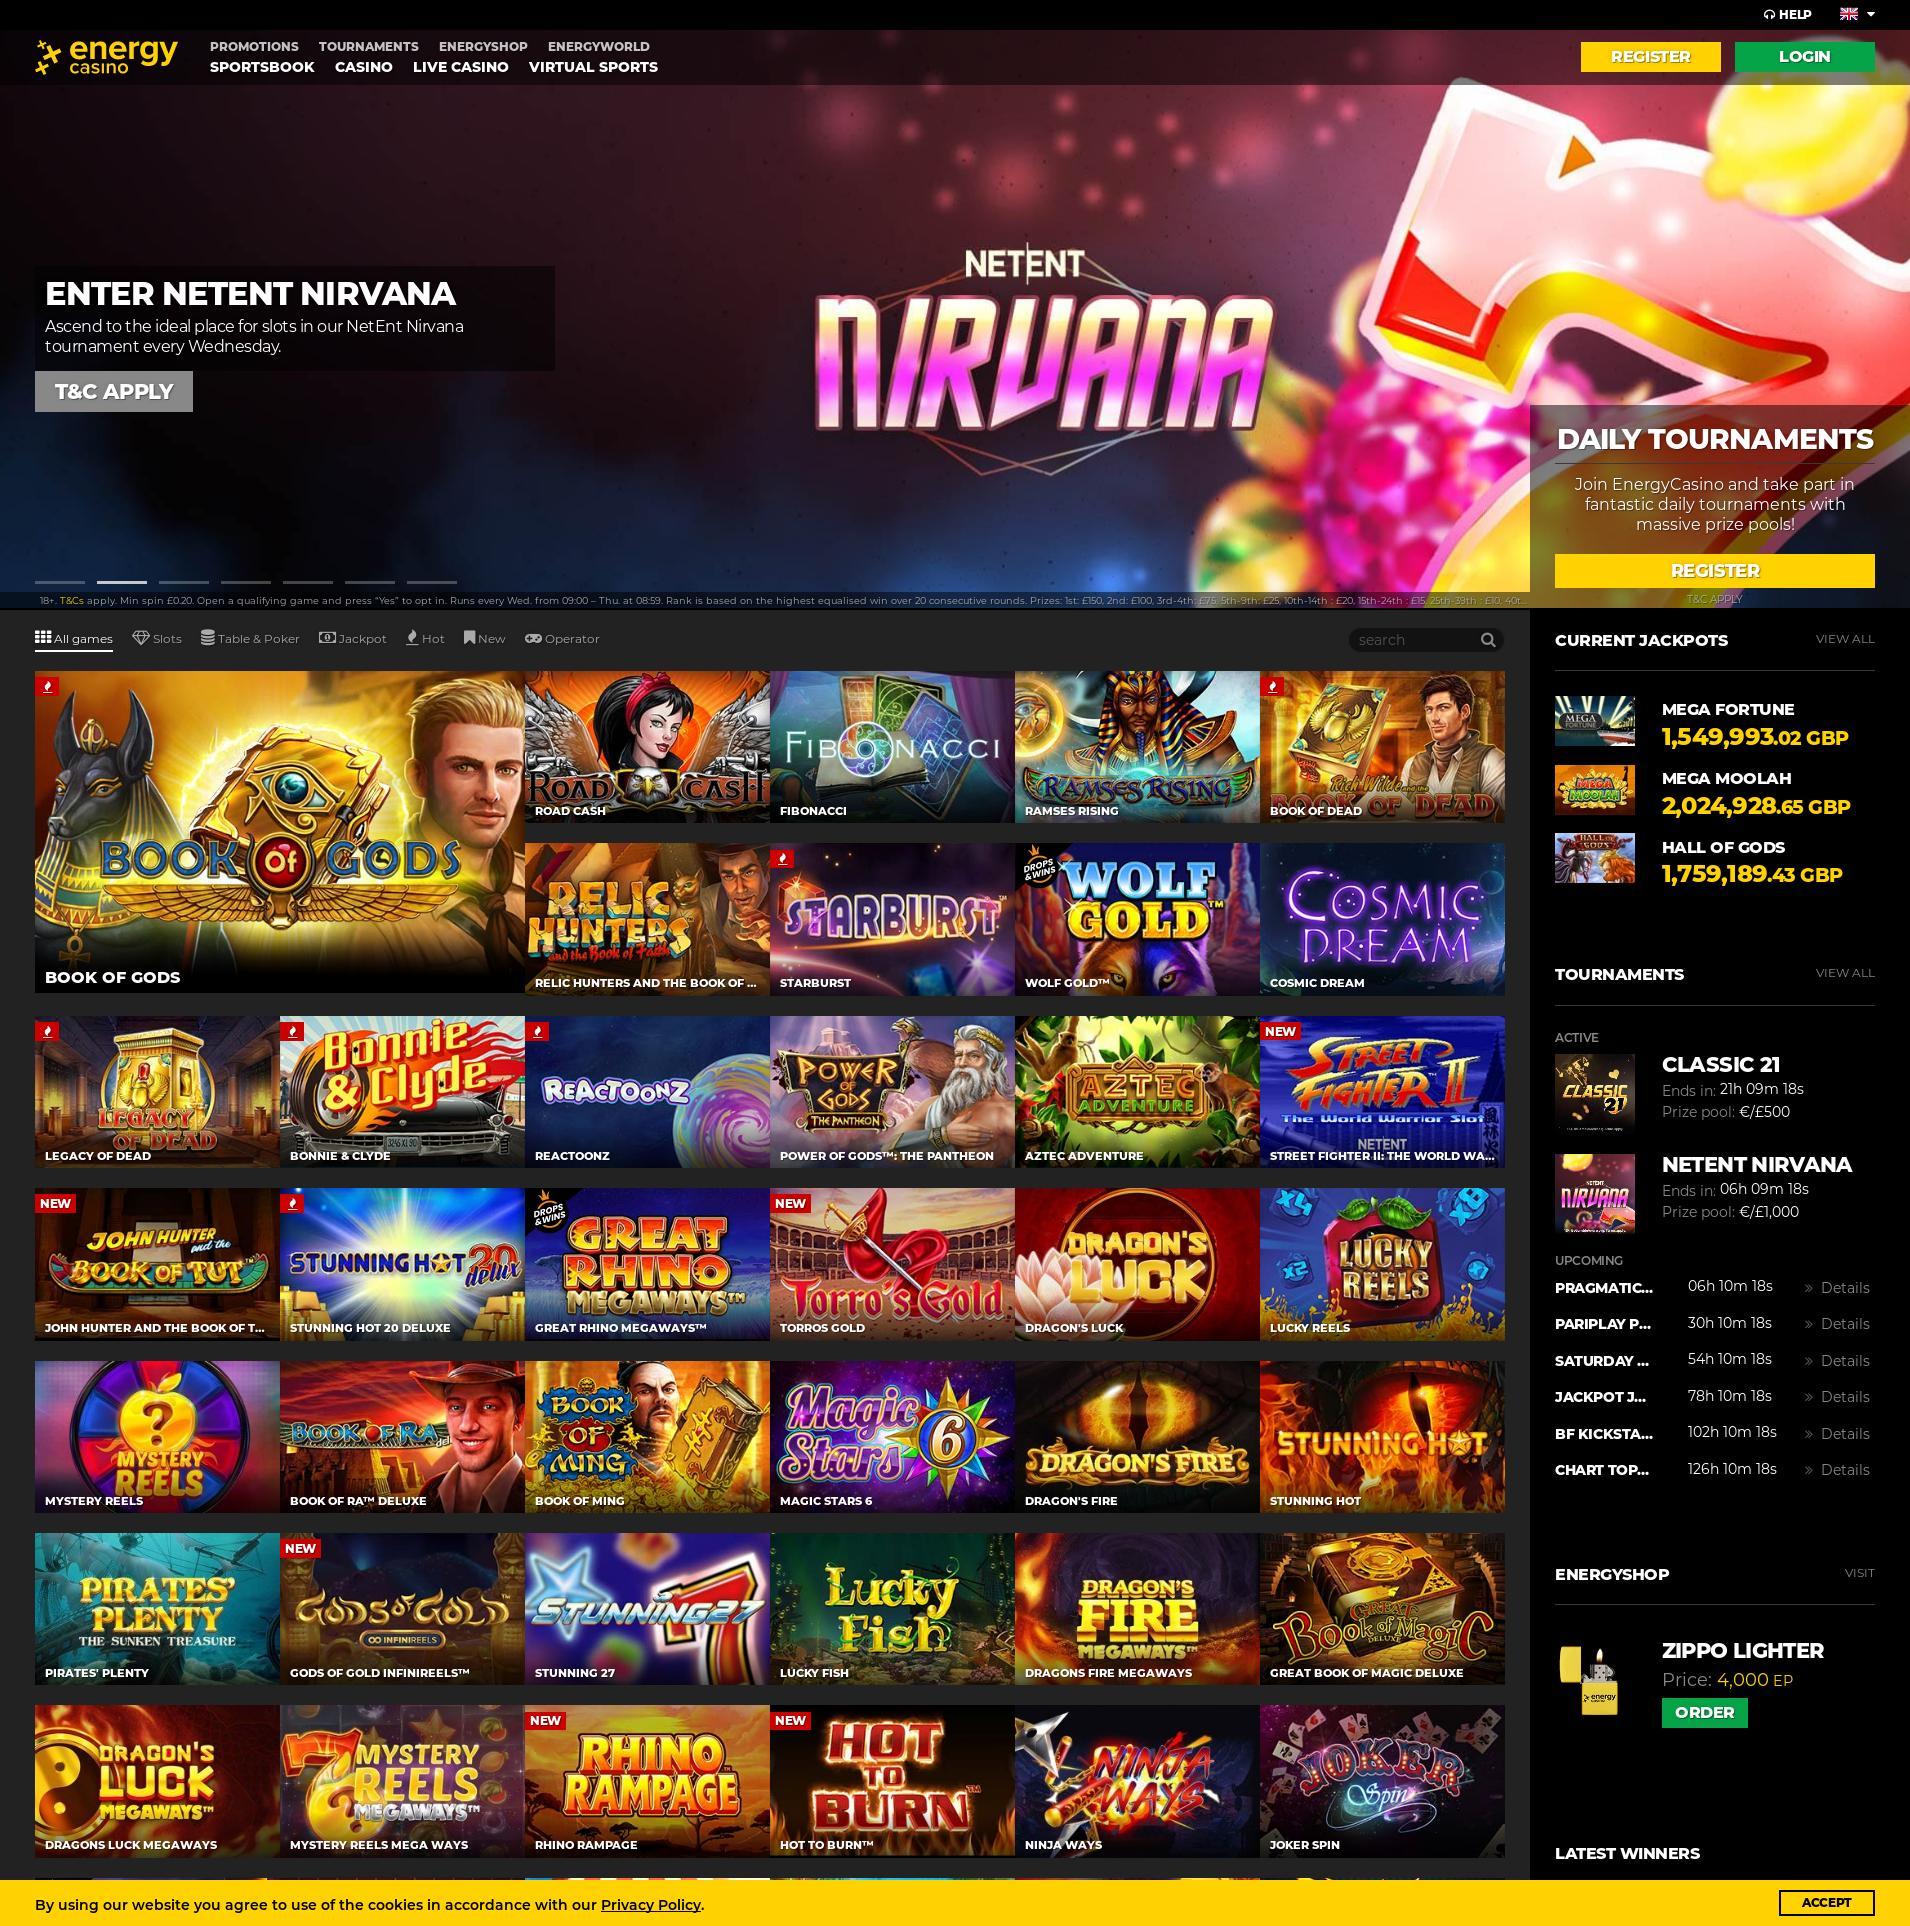 Casino scherm Lobby 2020-05-28 voor Verenigd Koningkrijk